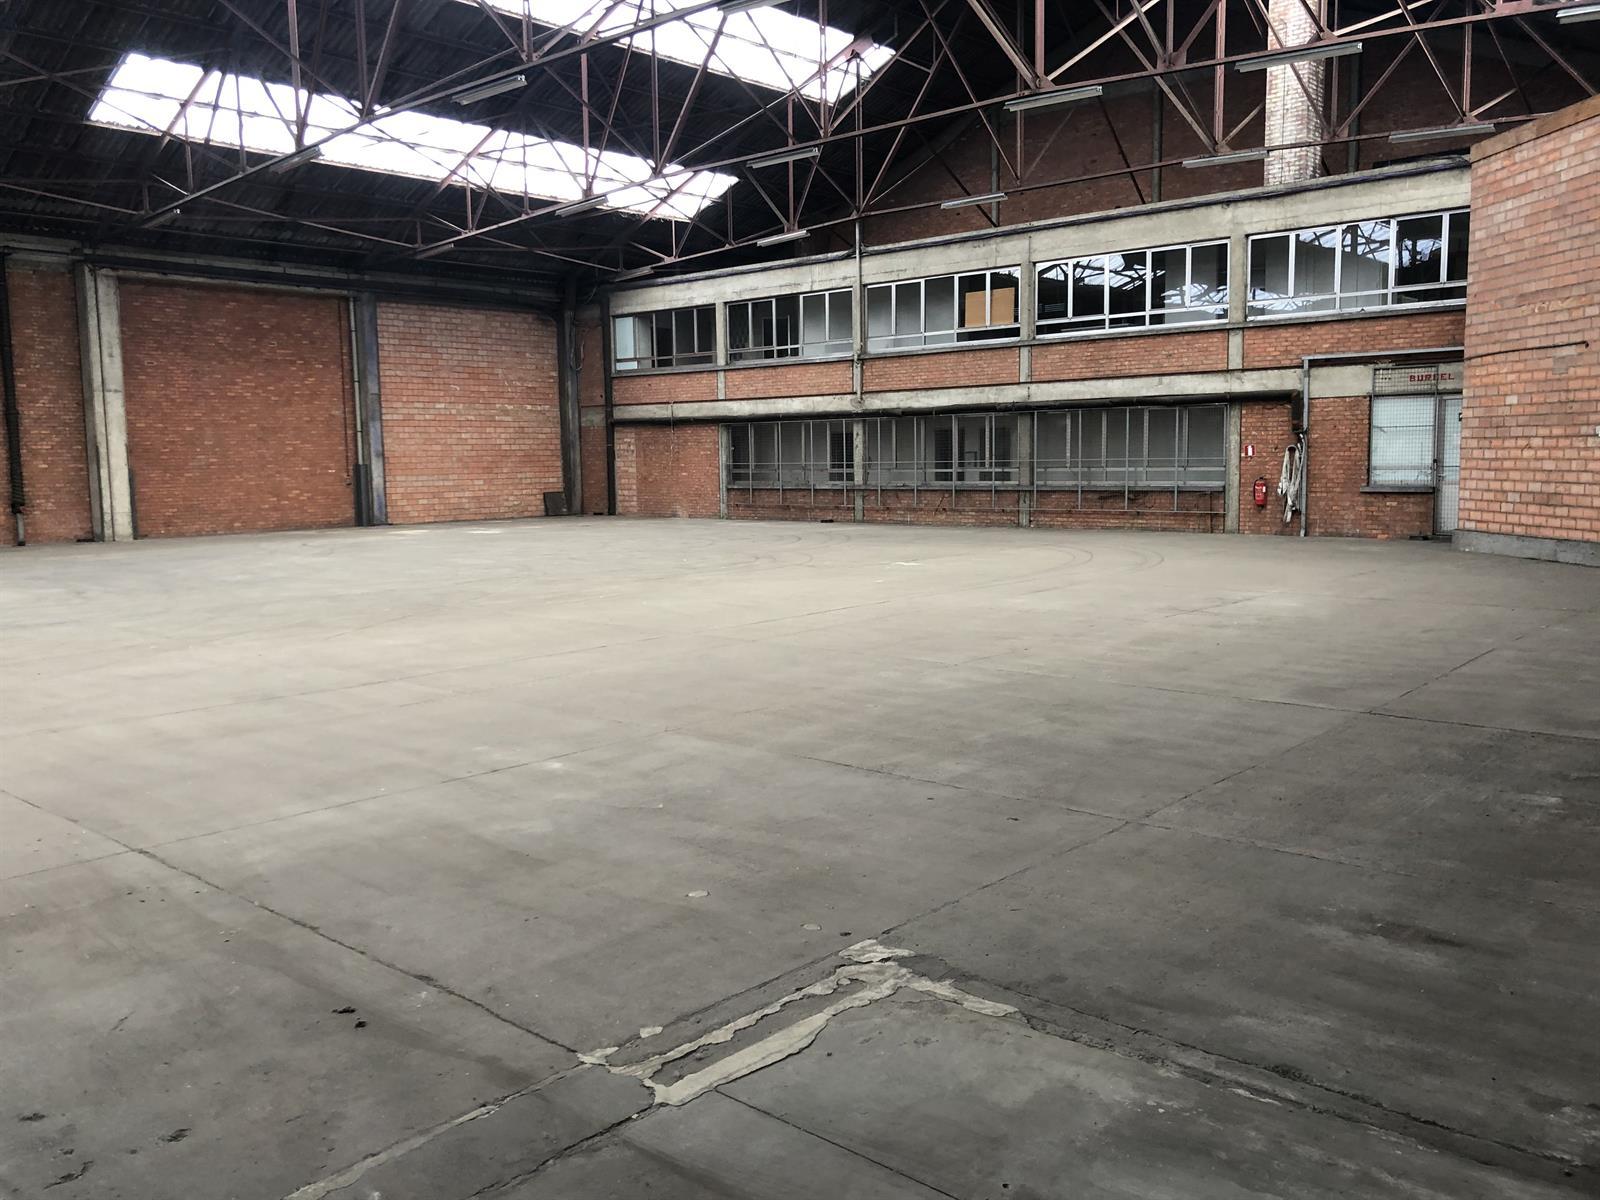 kantoor te huur K001 - Wilmarsdonksteenweg 11, 2030 Antwerpen, België 15